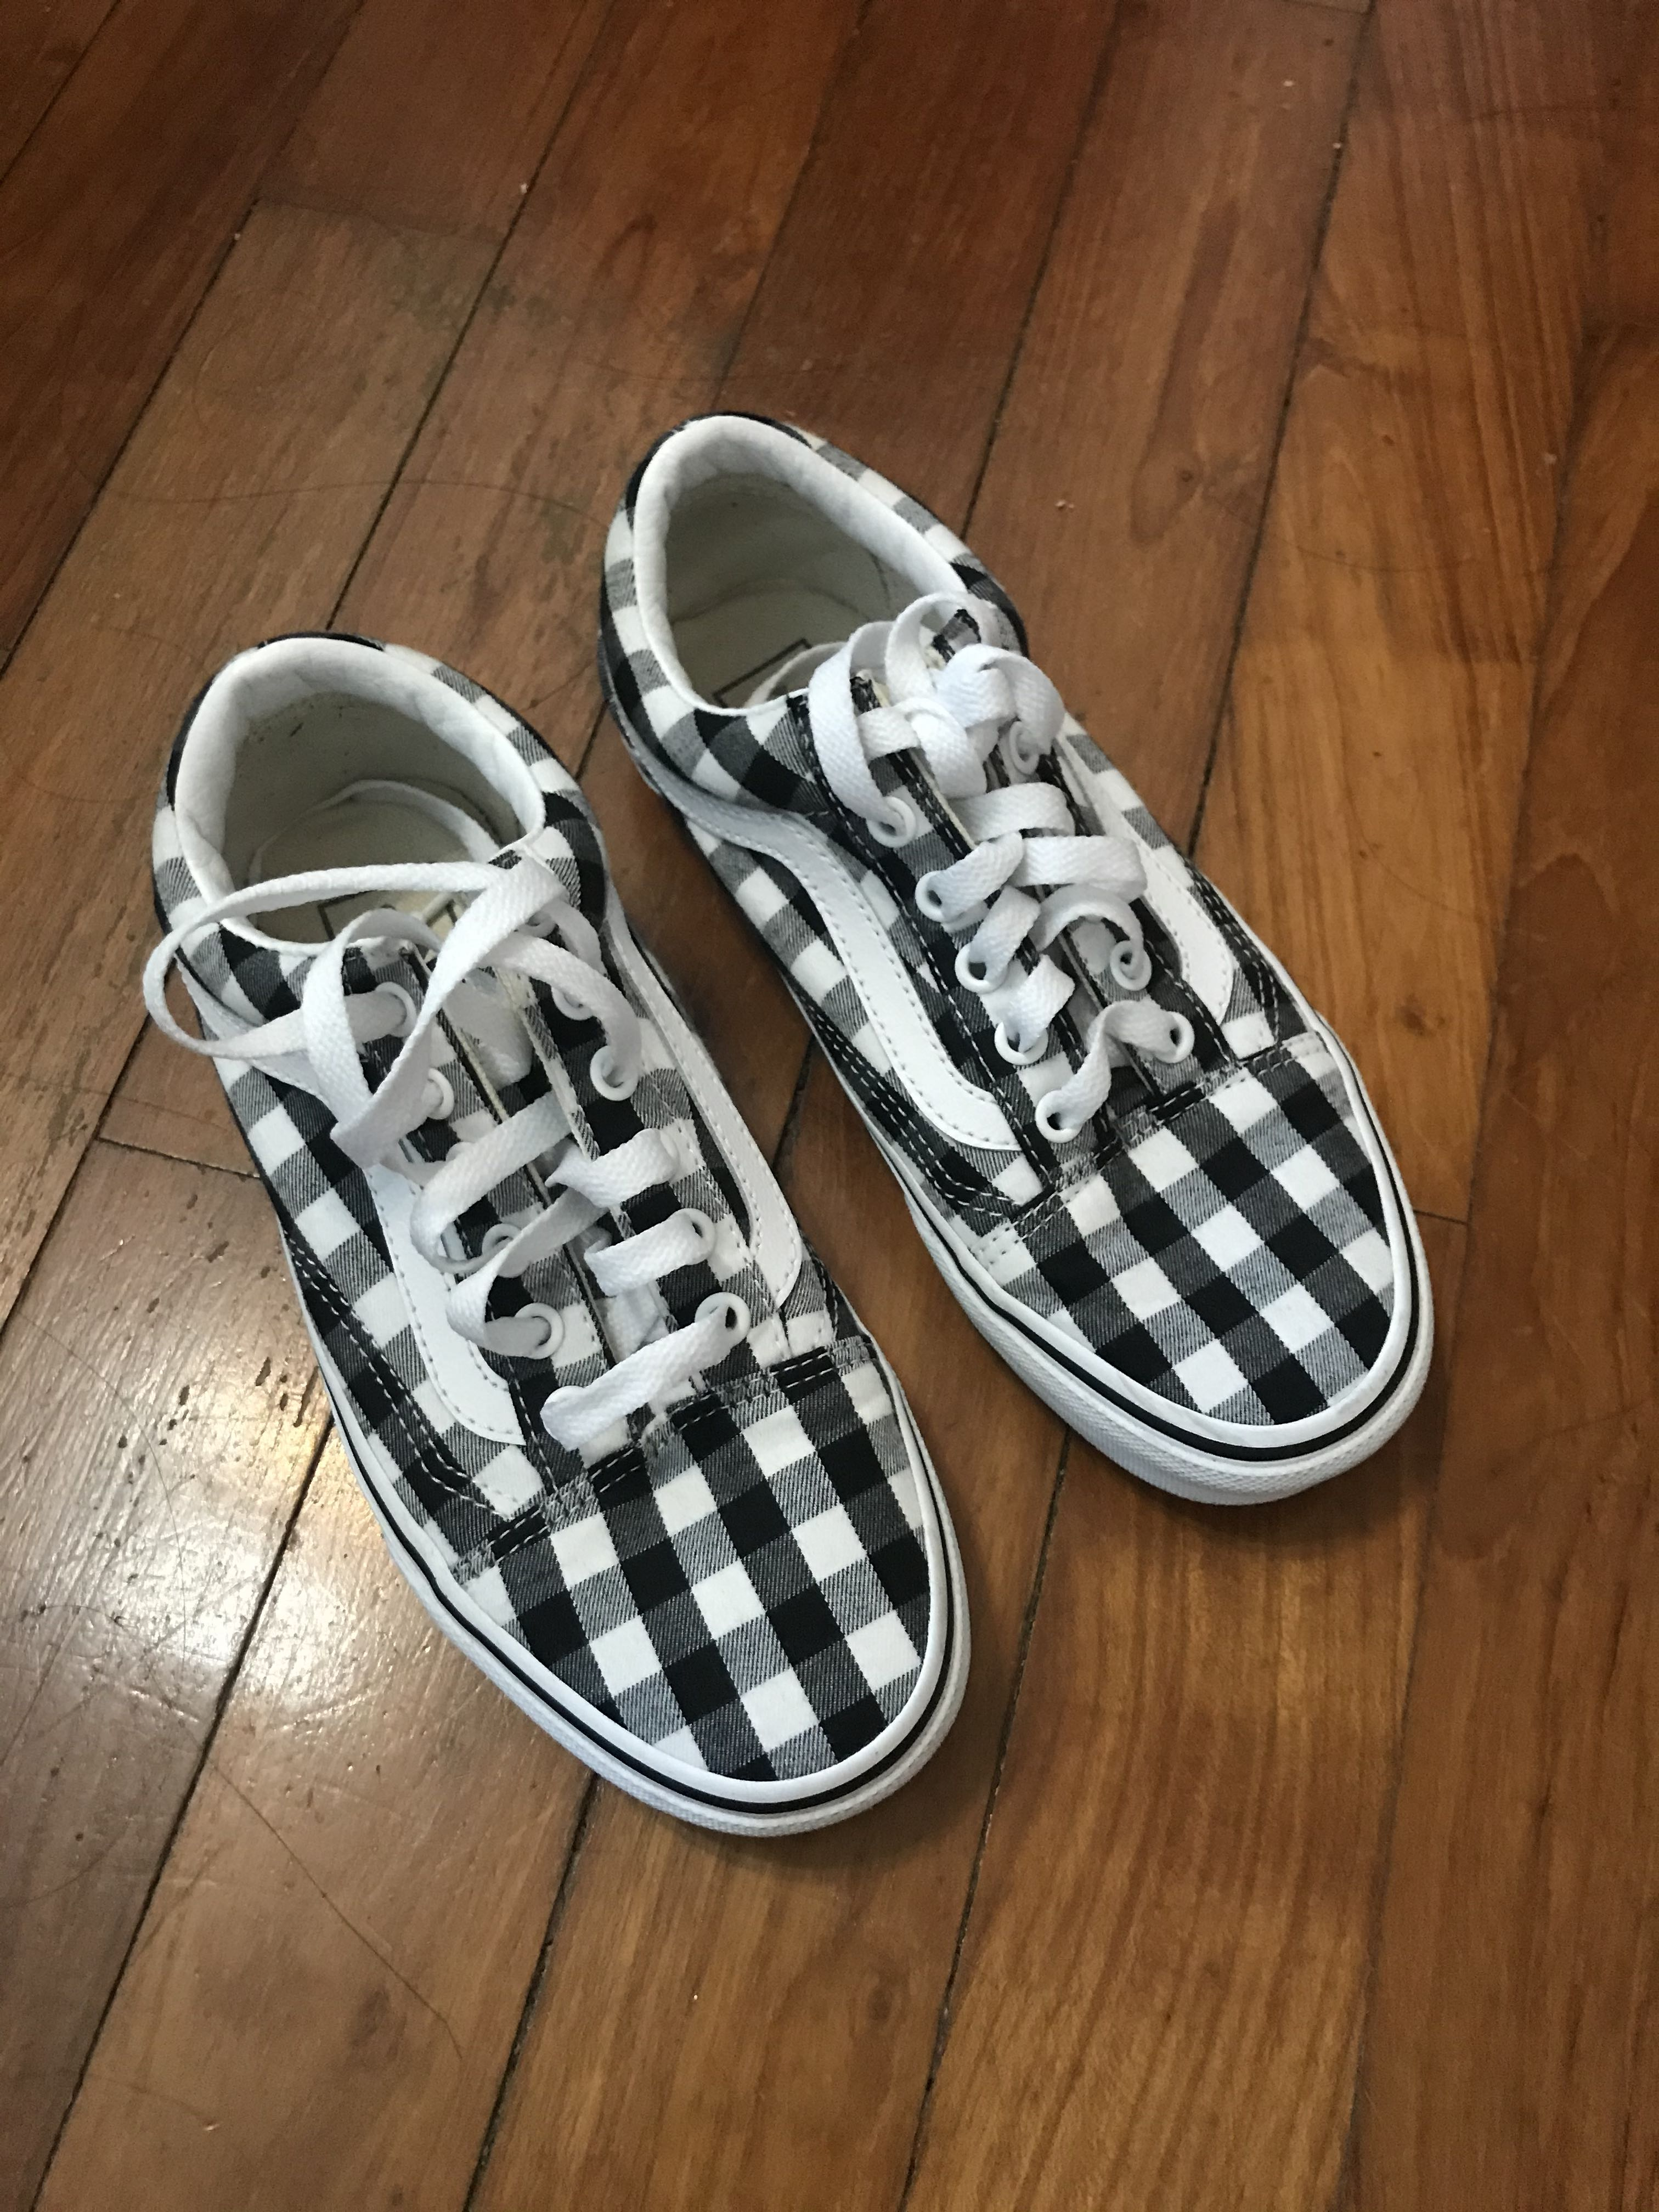 👟 VANS Old Skool Gingham Sneakers